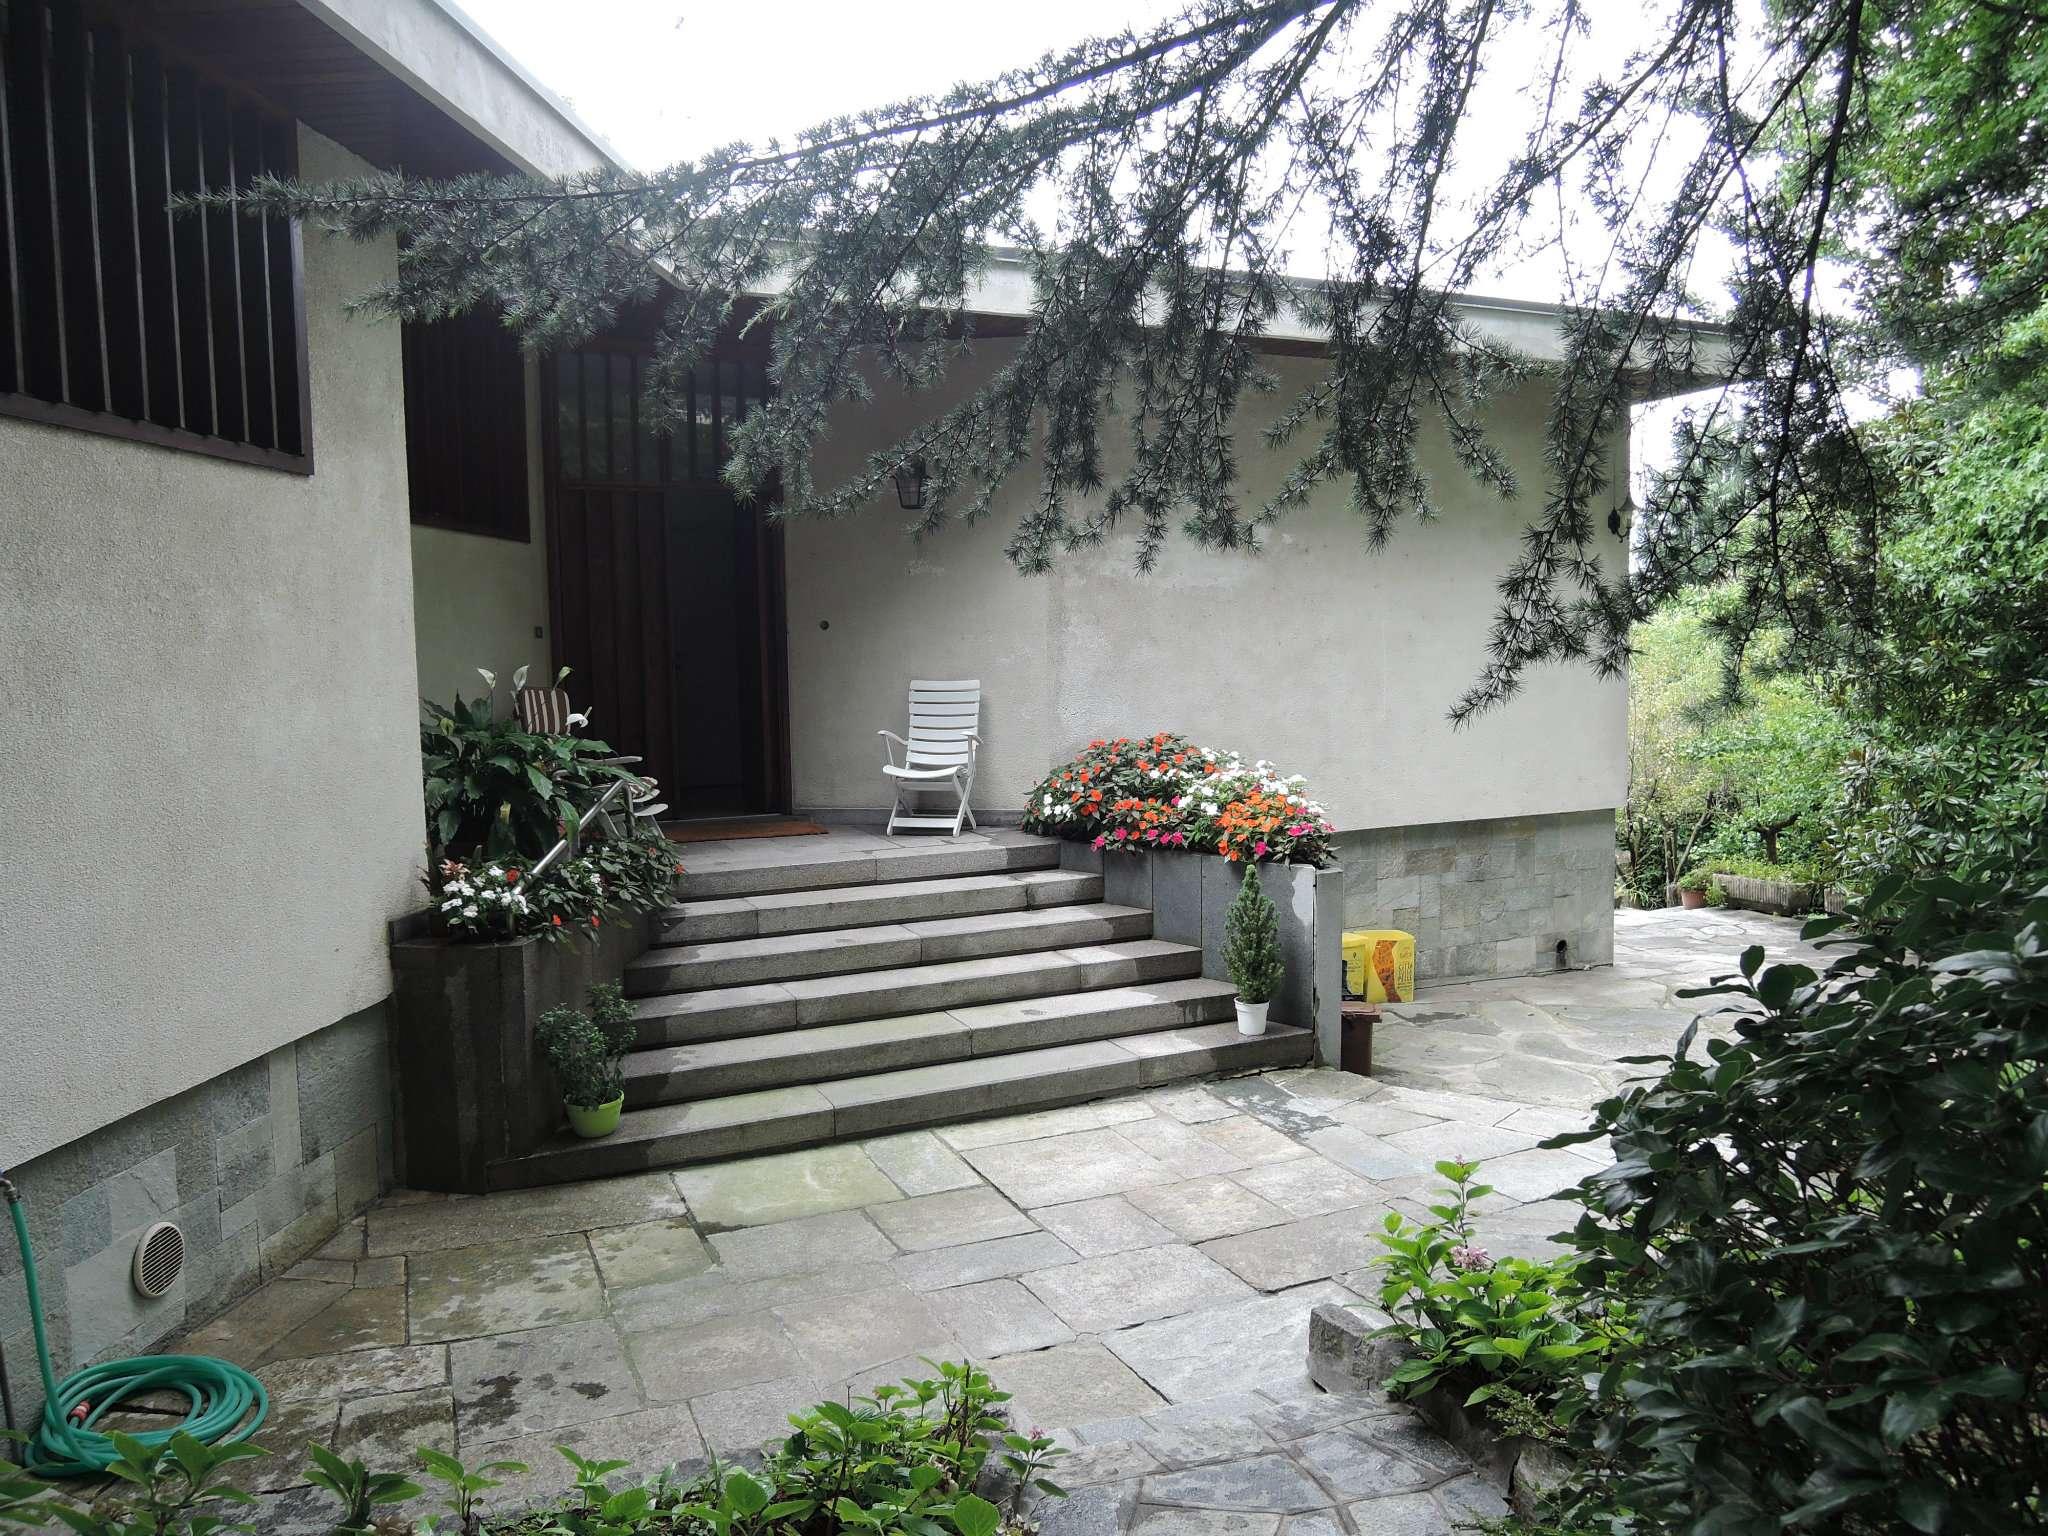 Foto 1 di Casa indipendente via SANT'ANNA, Torino (zona Precollina, Collina)